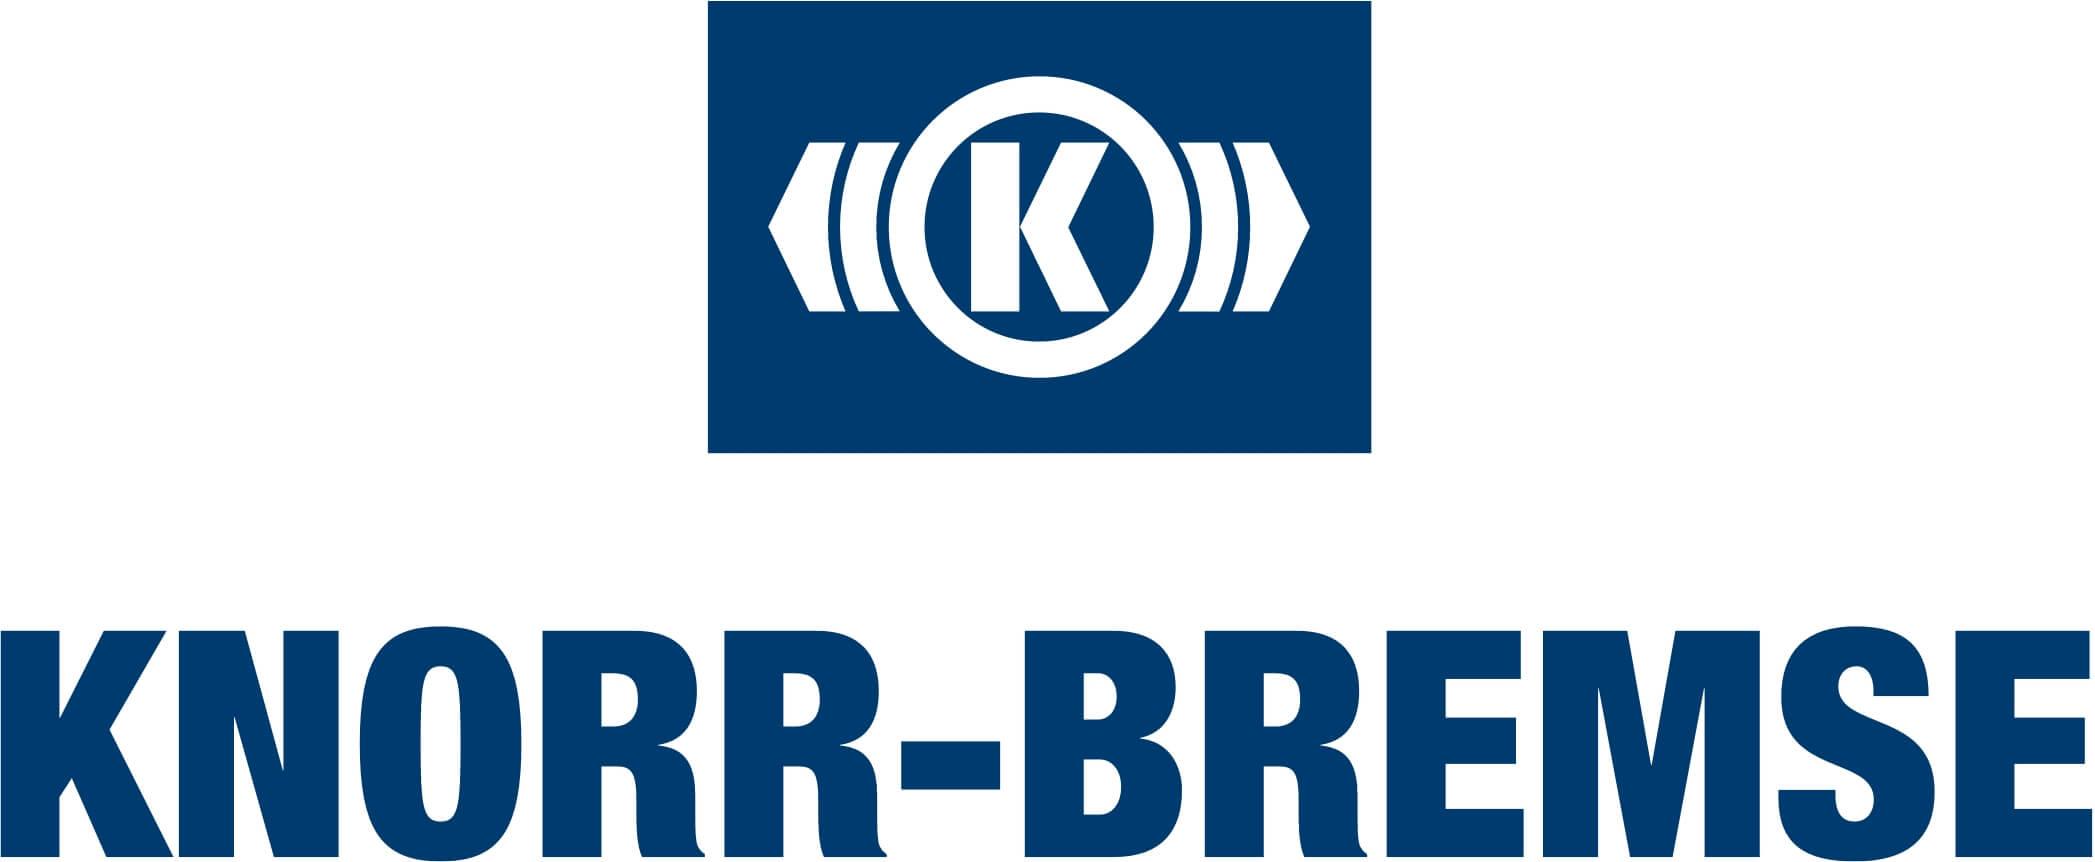 Knorr-Bremse logó